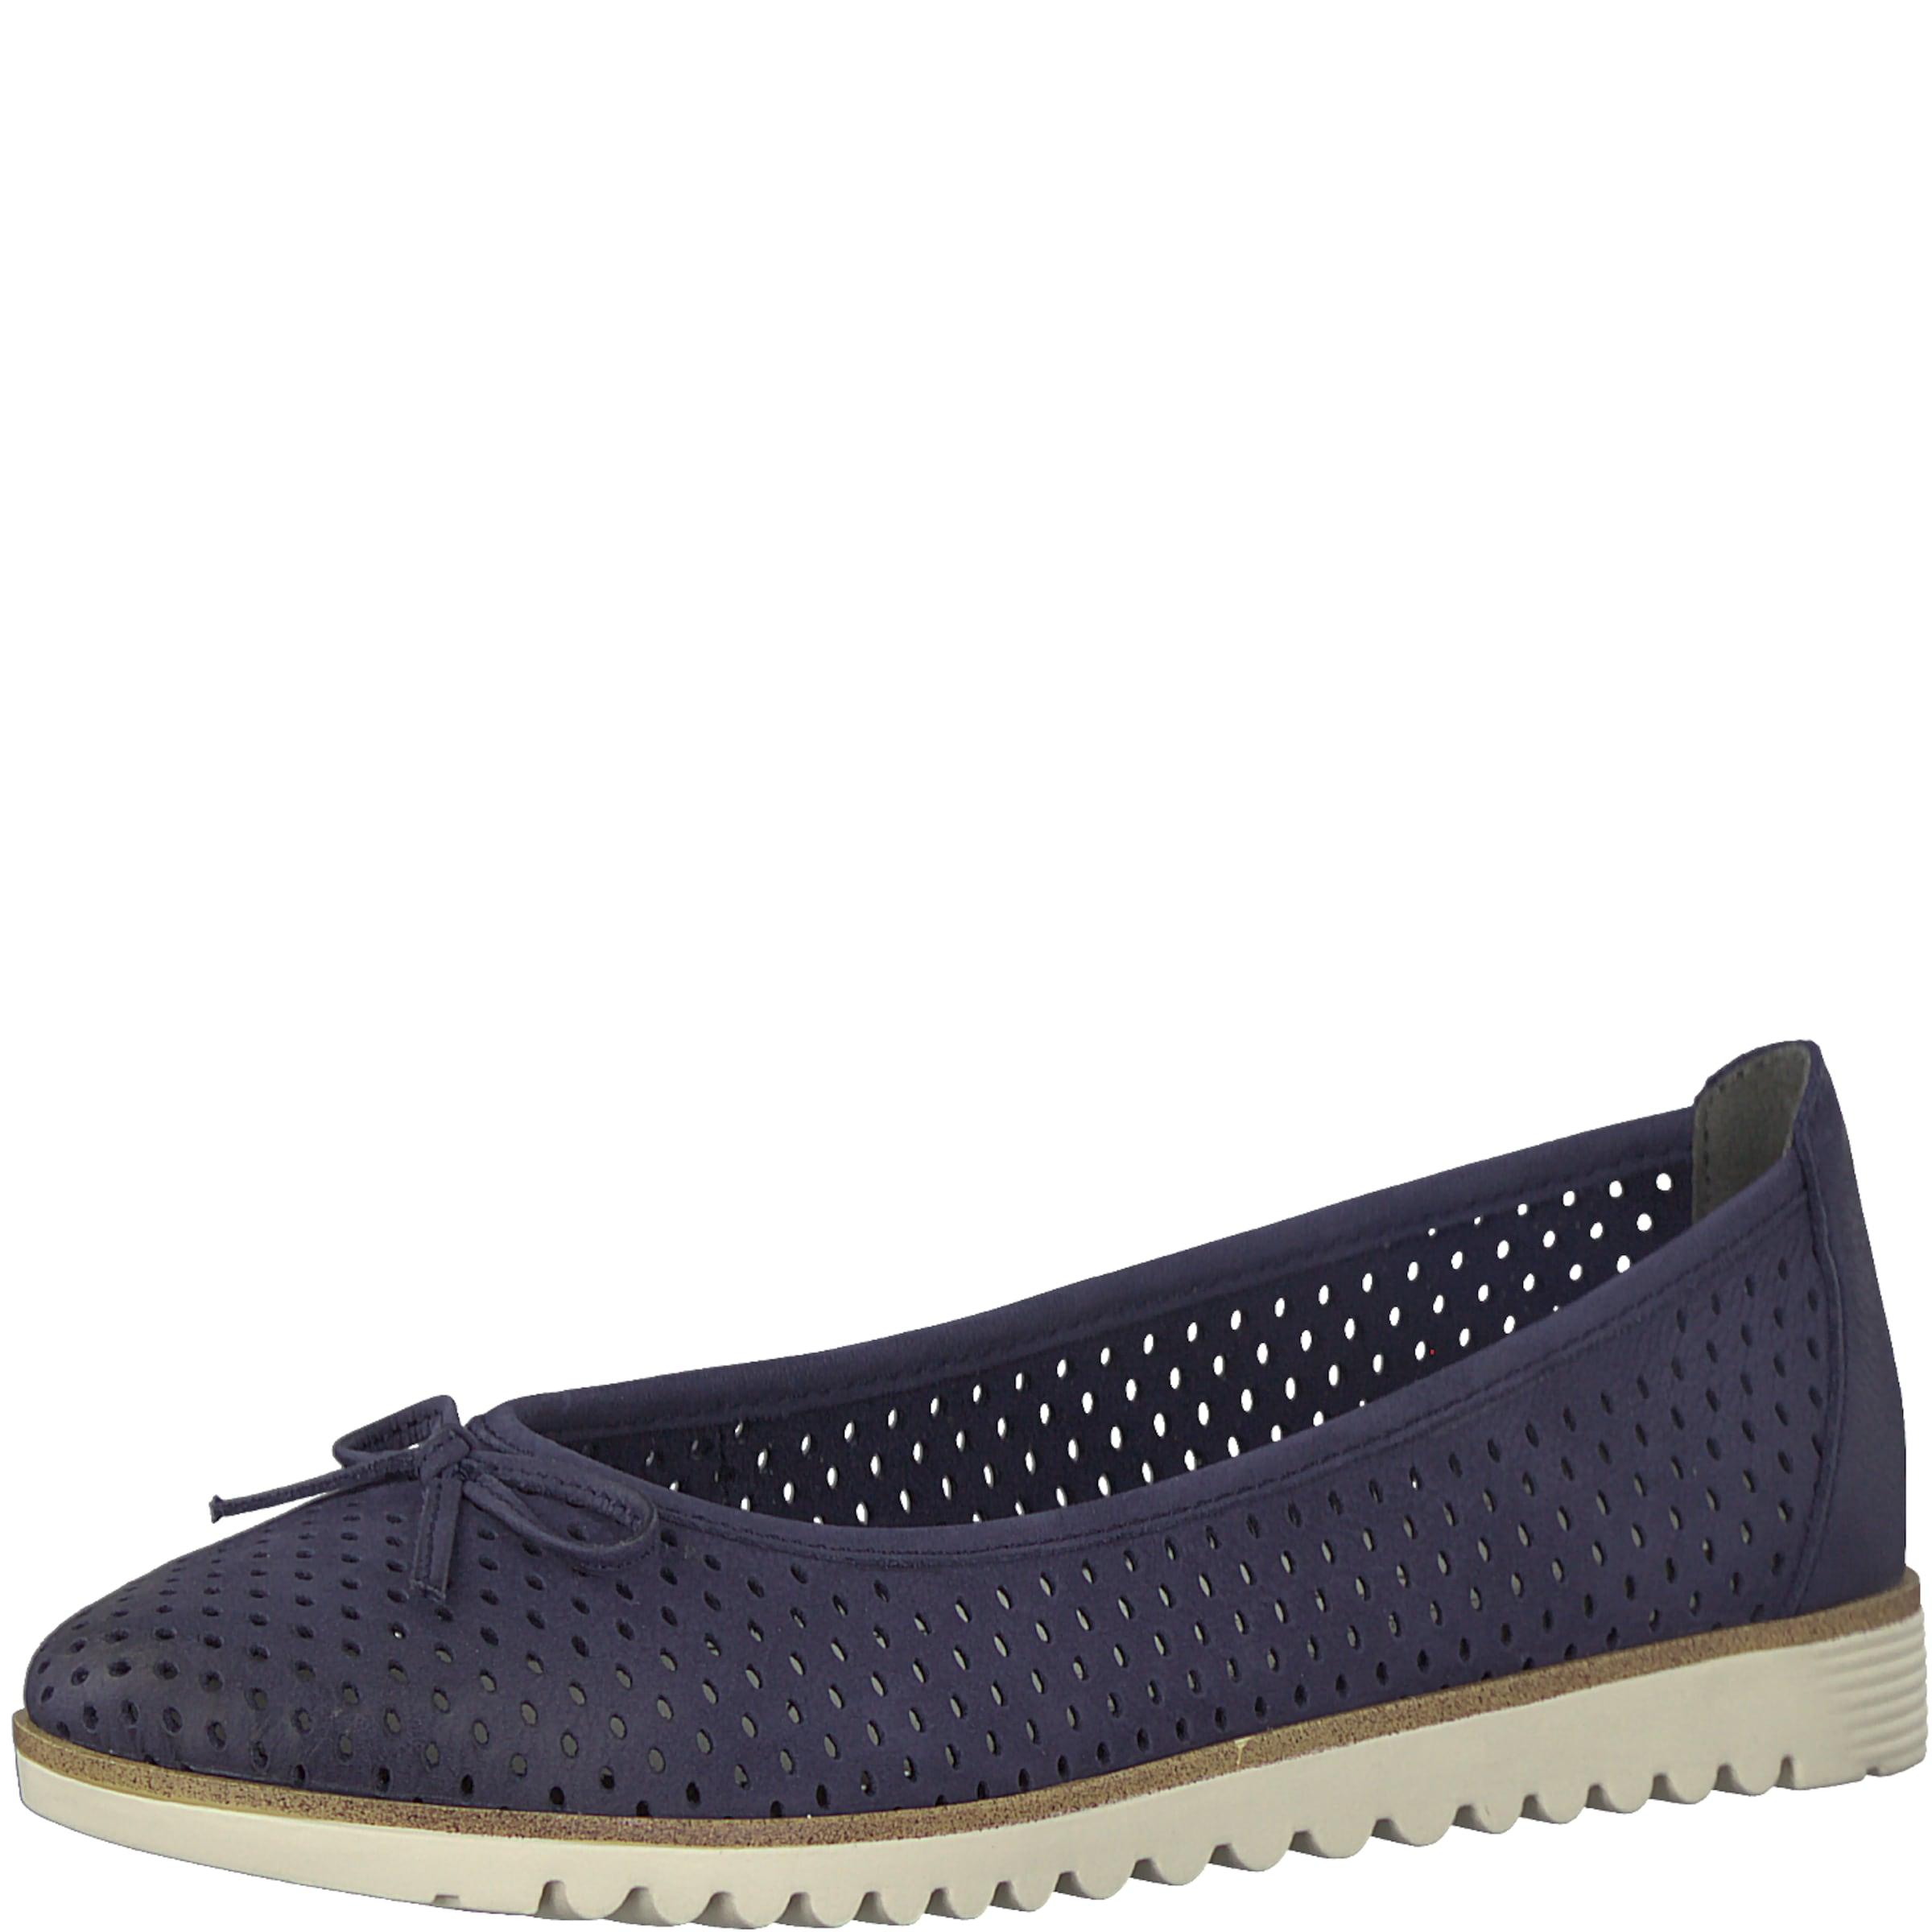 Haltbare Mode billige Schuhe TAMARIS | Ballerina Schuhe Gut Gut Gut getragene Schuhe a16654